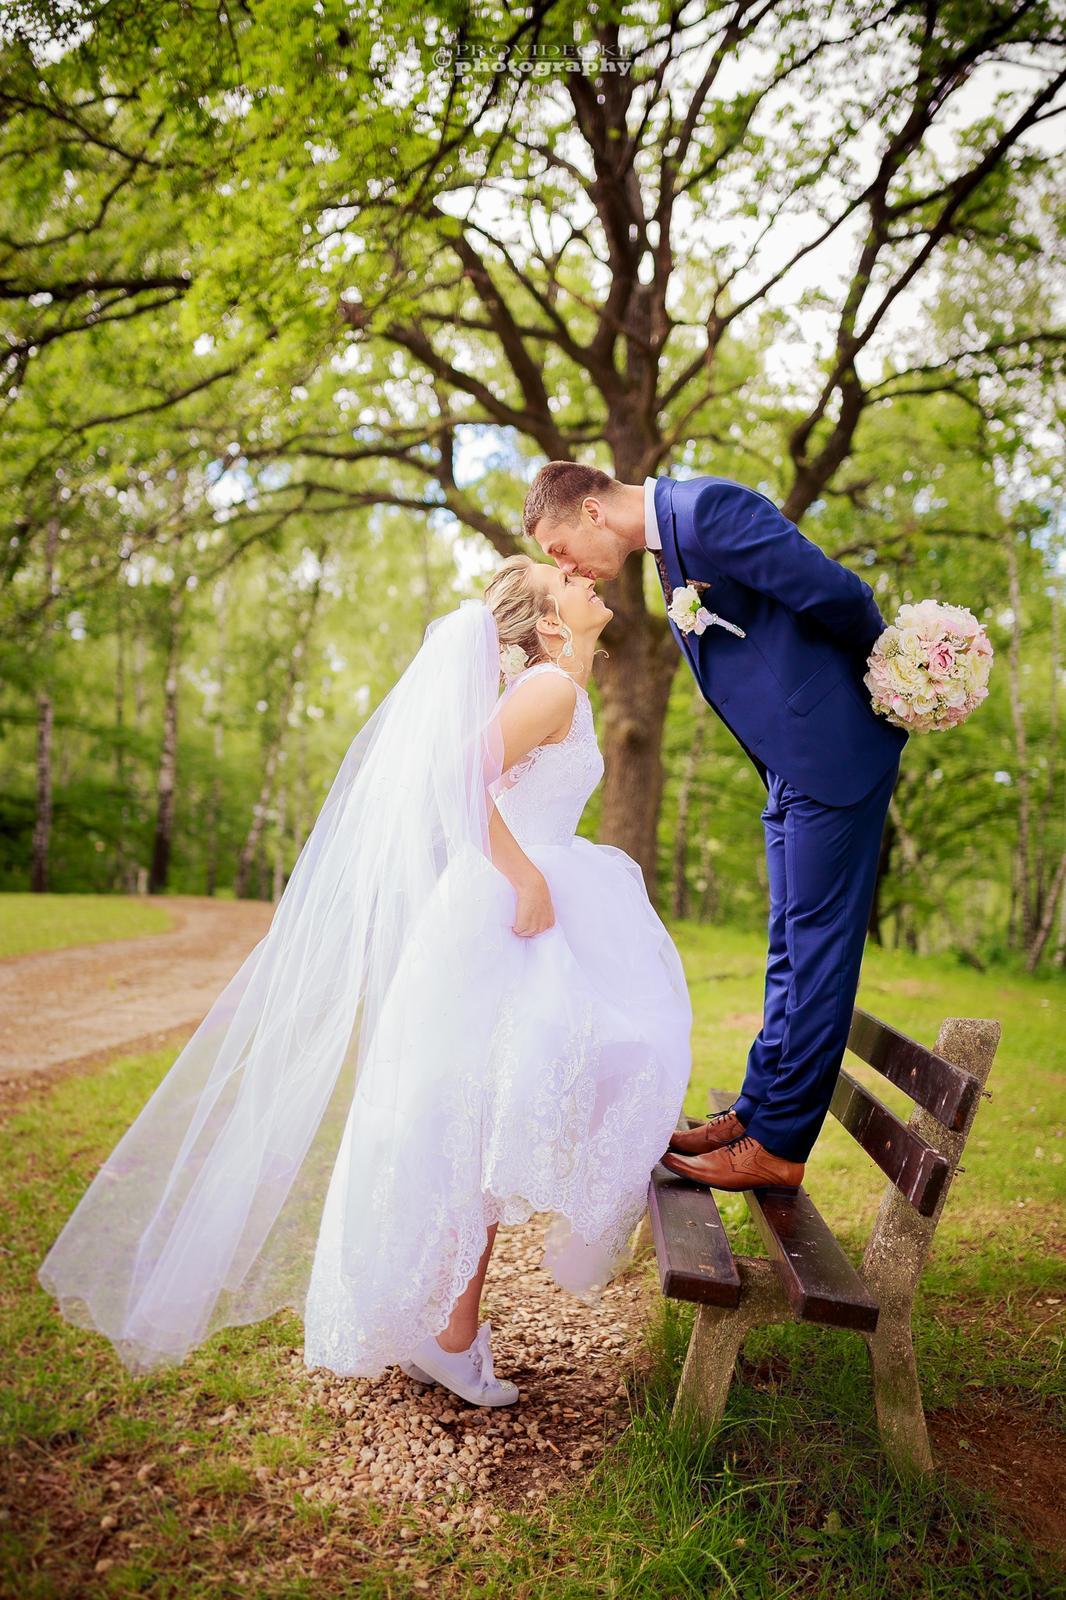 Svadobné príbehy ... - Obrázok č. 12